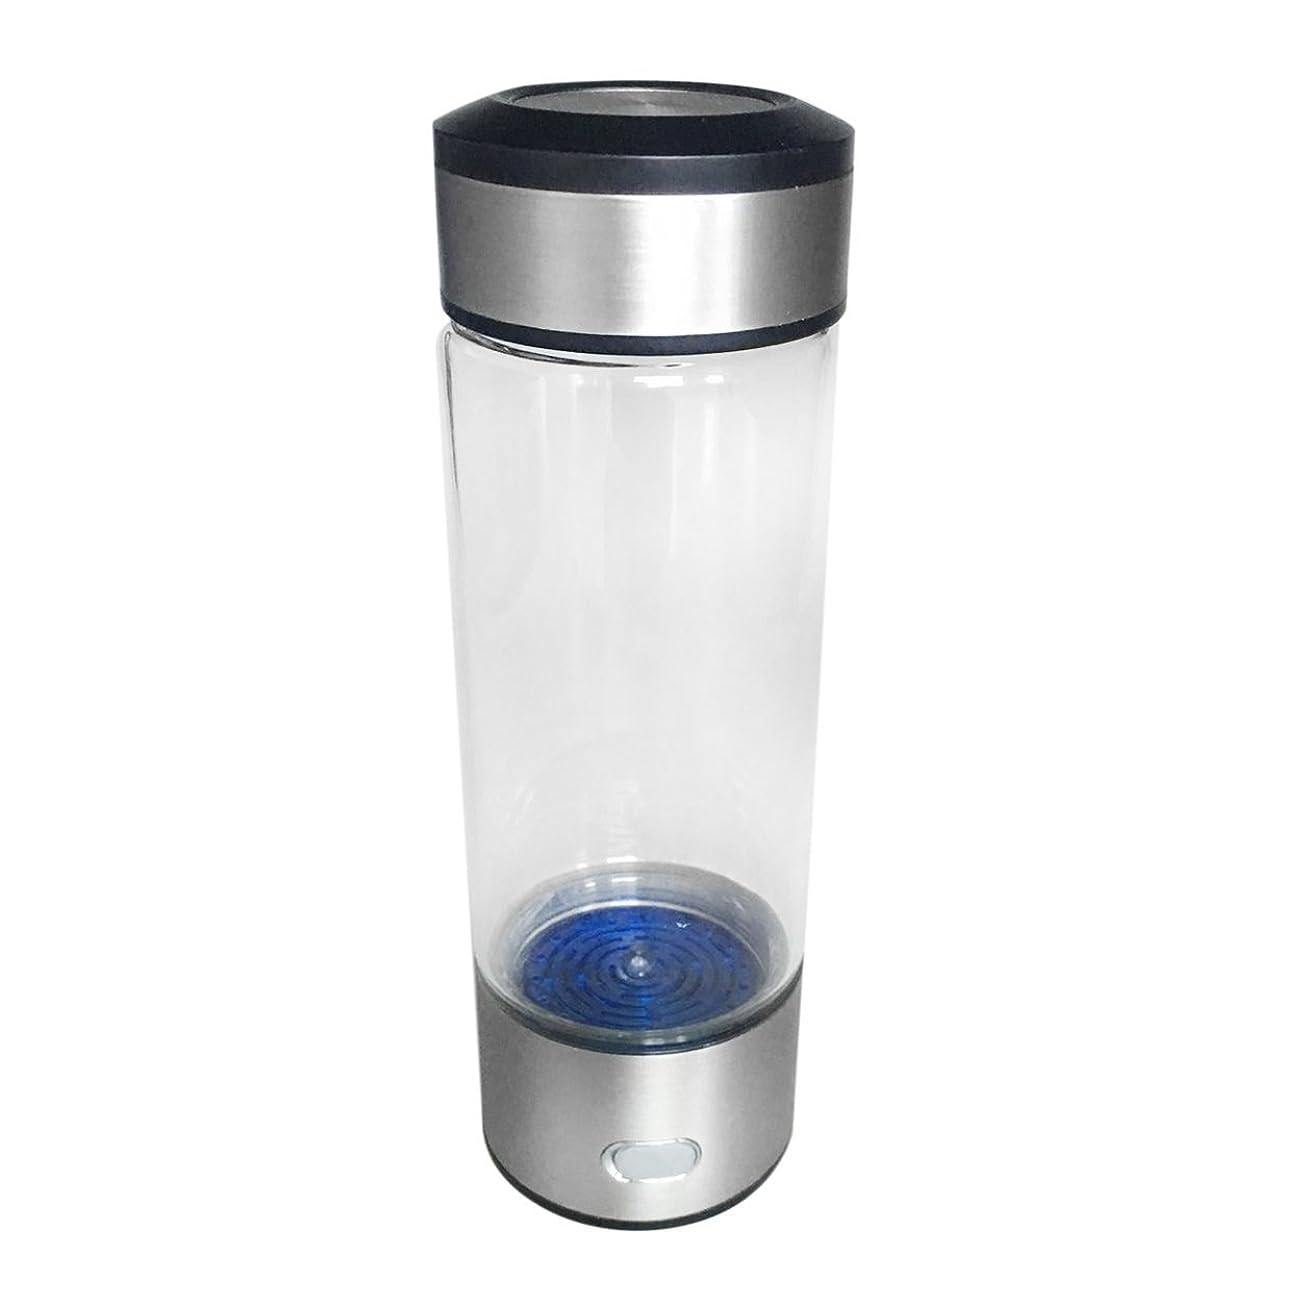 淡い太字電圧Saikogoods 水素リッチボトルウォーターボトルホームオフィスのためのポータブル水ガラス無料イオナイザ飲料ボトル健康アンチエイジングボトル 透明&シルバー